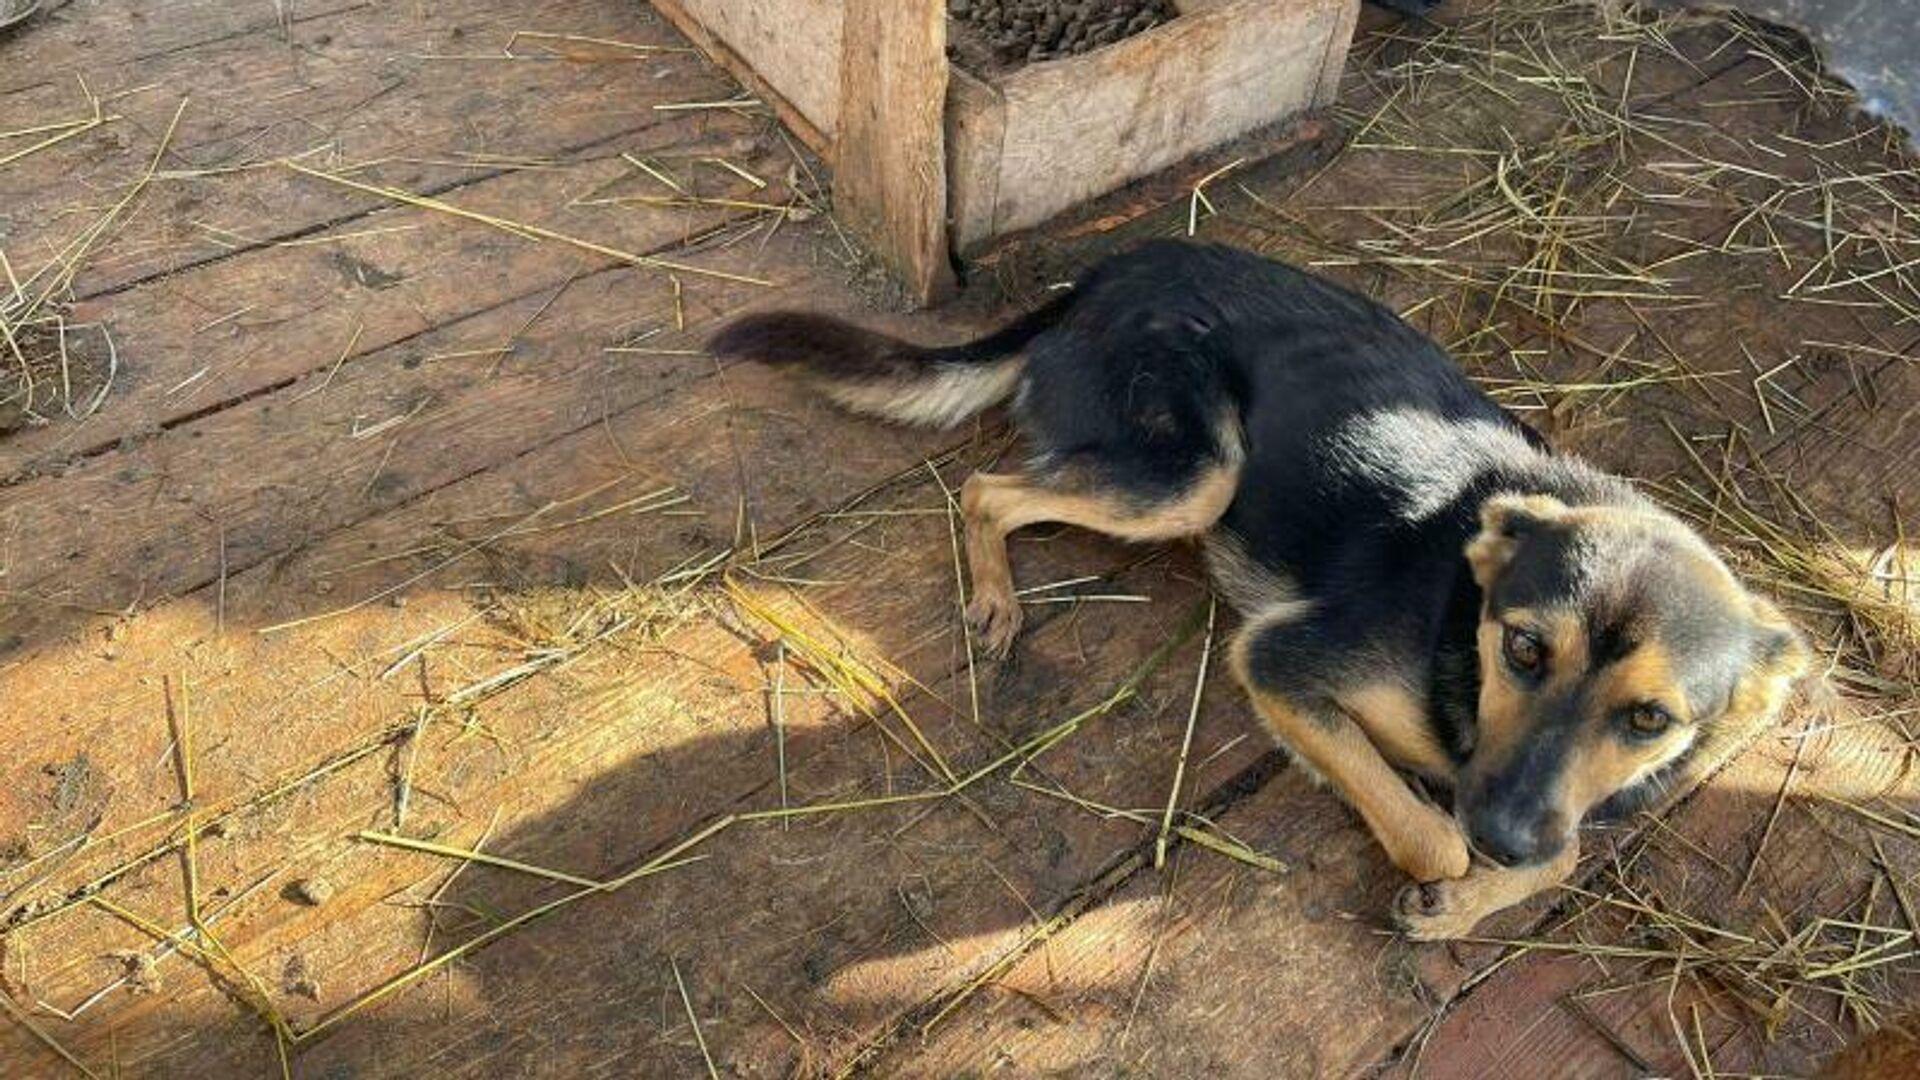 Собака в приюте Лохматая душа, где произошло отравление - РИА Новости, 1920, 03.10.2021